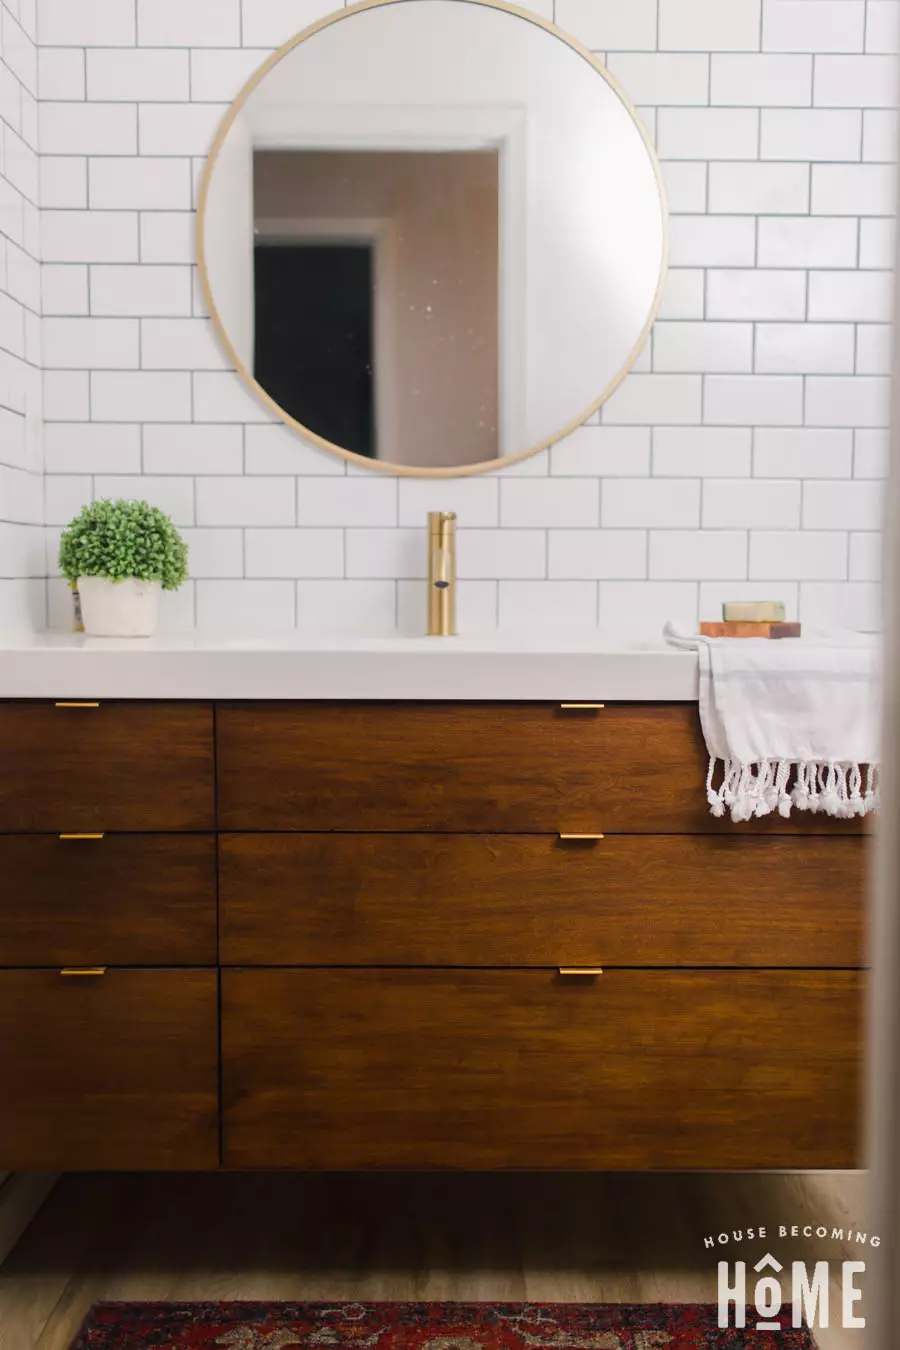 Bauen Sie Einen Badezimmerschrank Fur Ikea Odensvik Waschbecken Theke Haus Wird Zu Hause Wie Man Ein Diy Vani In 2020 Schrank Zimmer Waschbecken Ikea Badezimmer